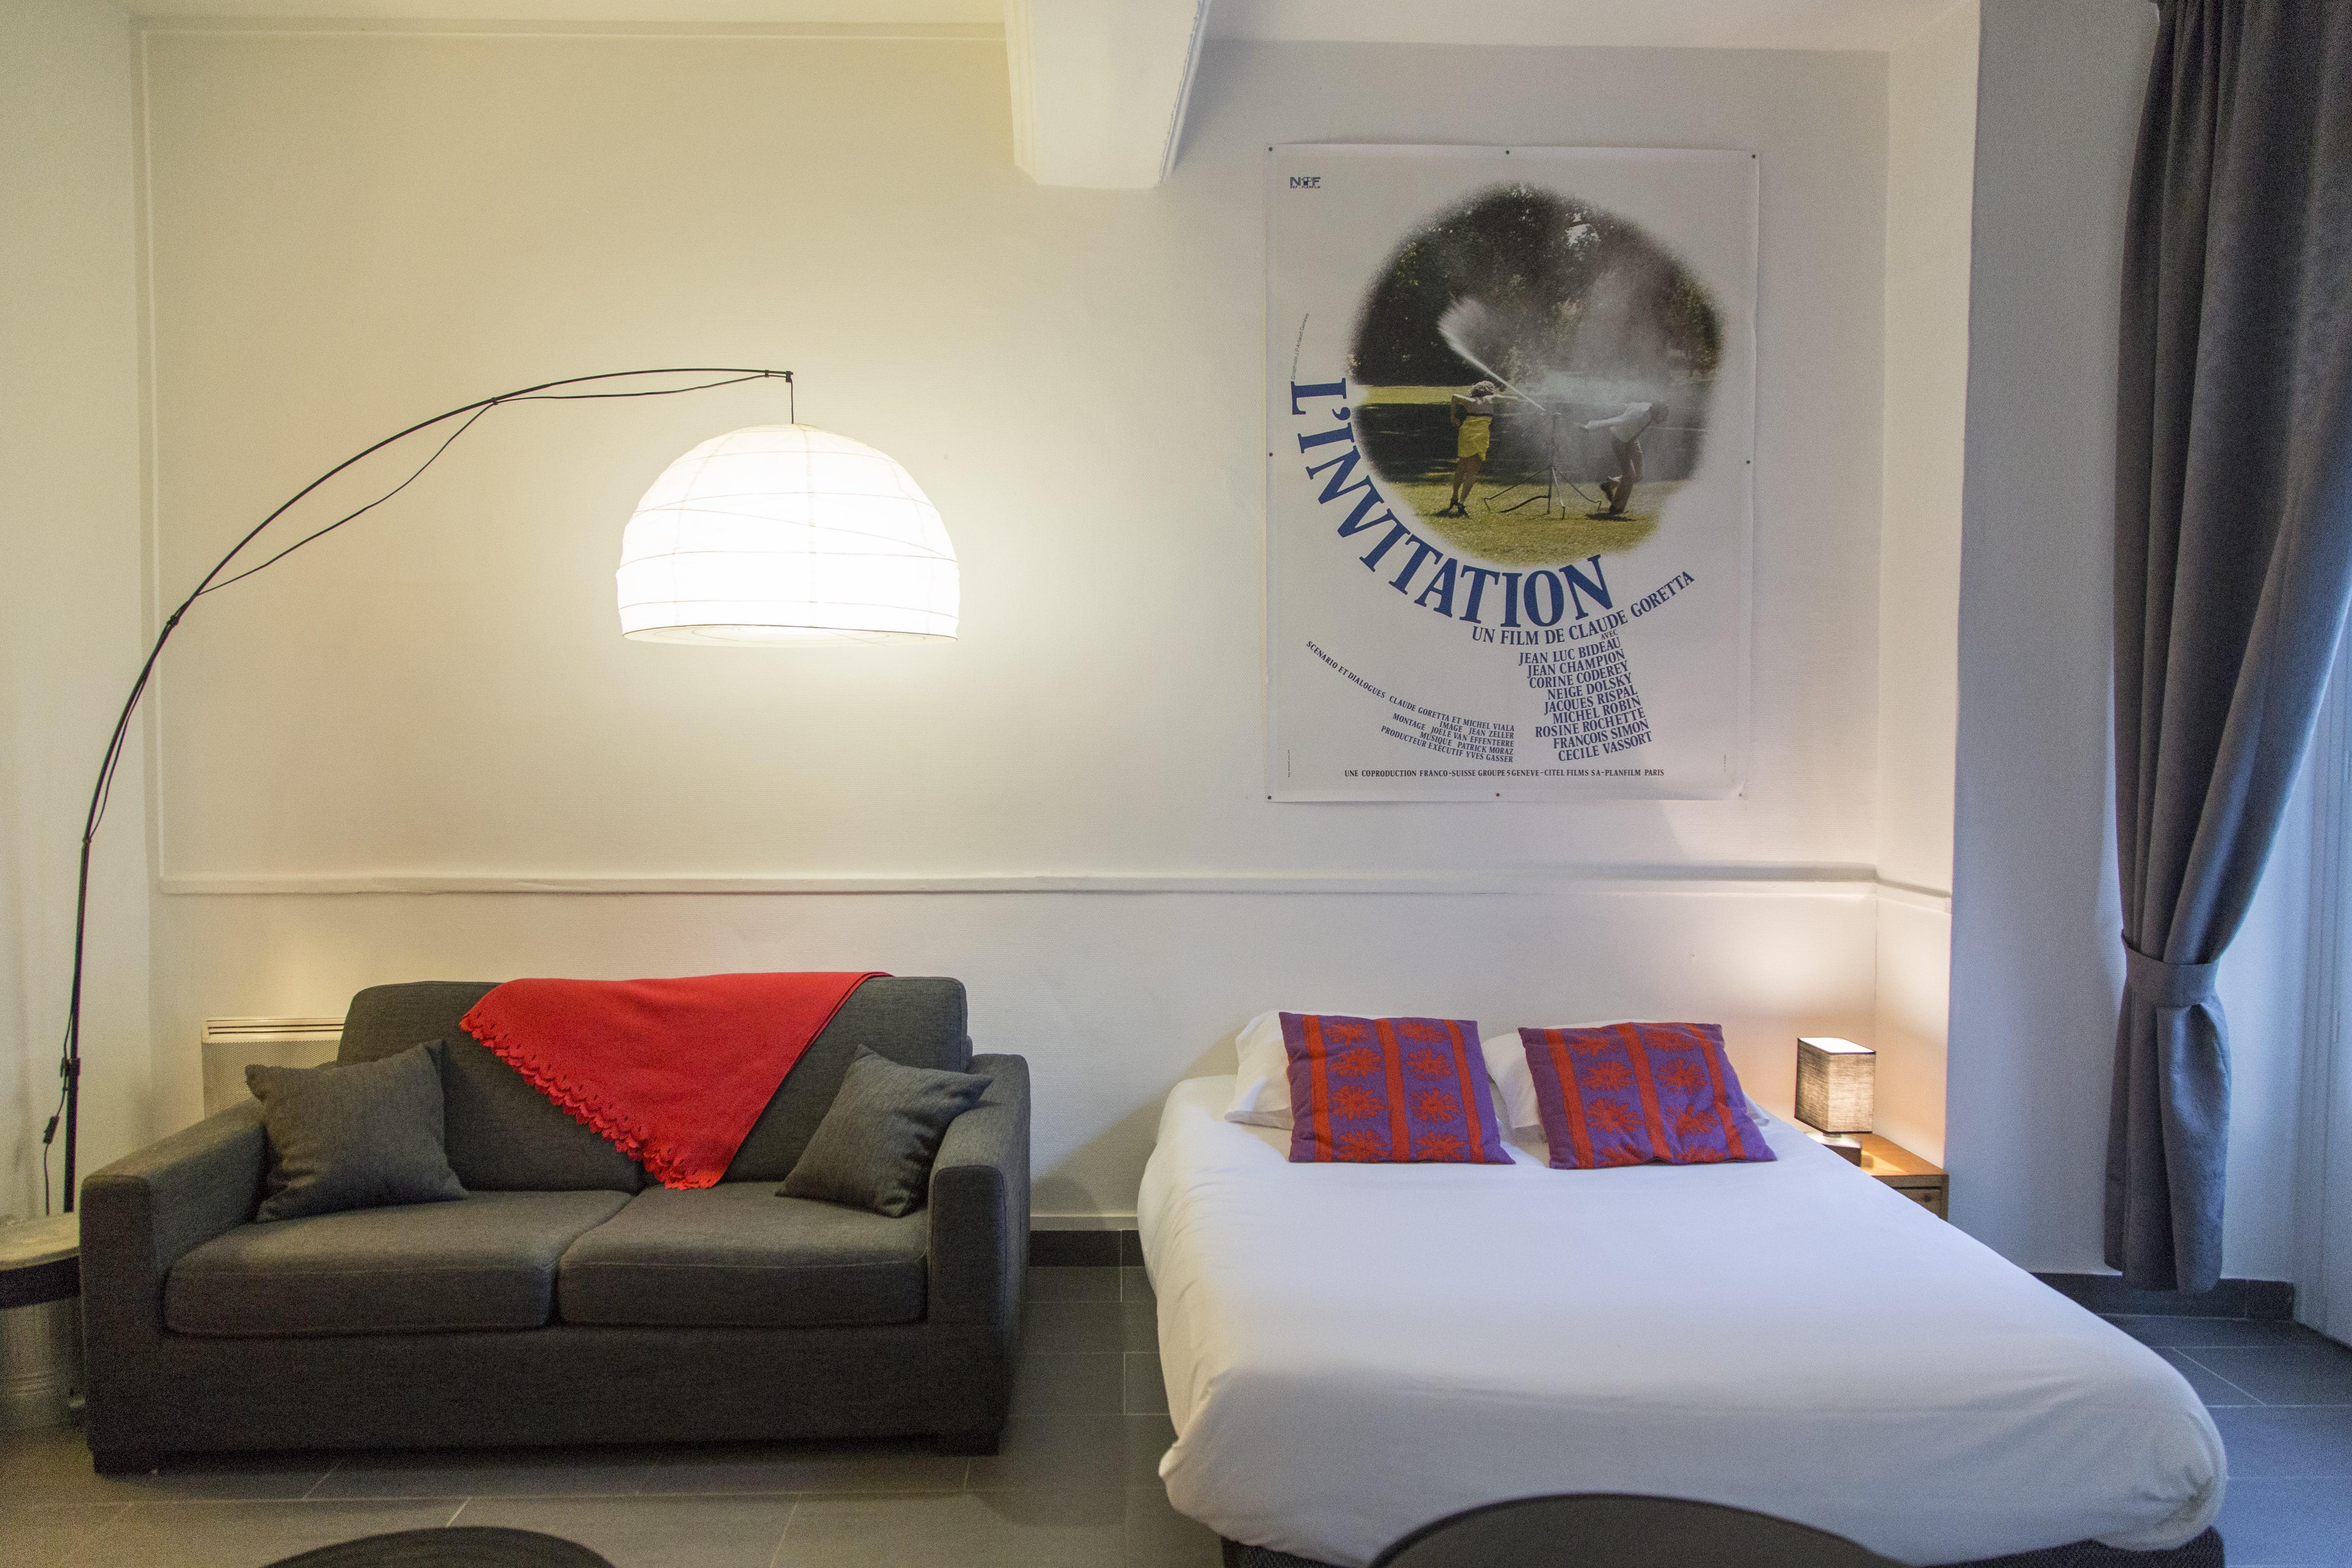 Appartement 4 pers 6 rue bonaparte paris 2 appartauteuil - Rue bonaparte paris 6 ...